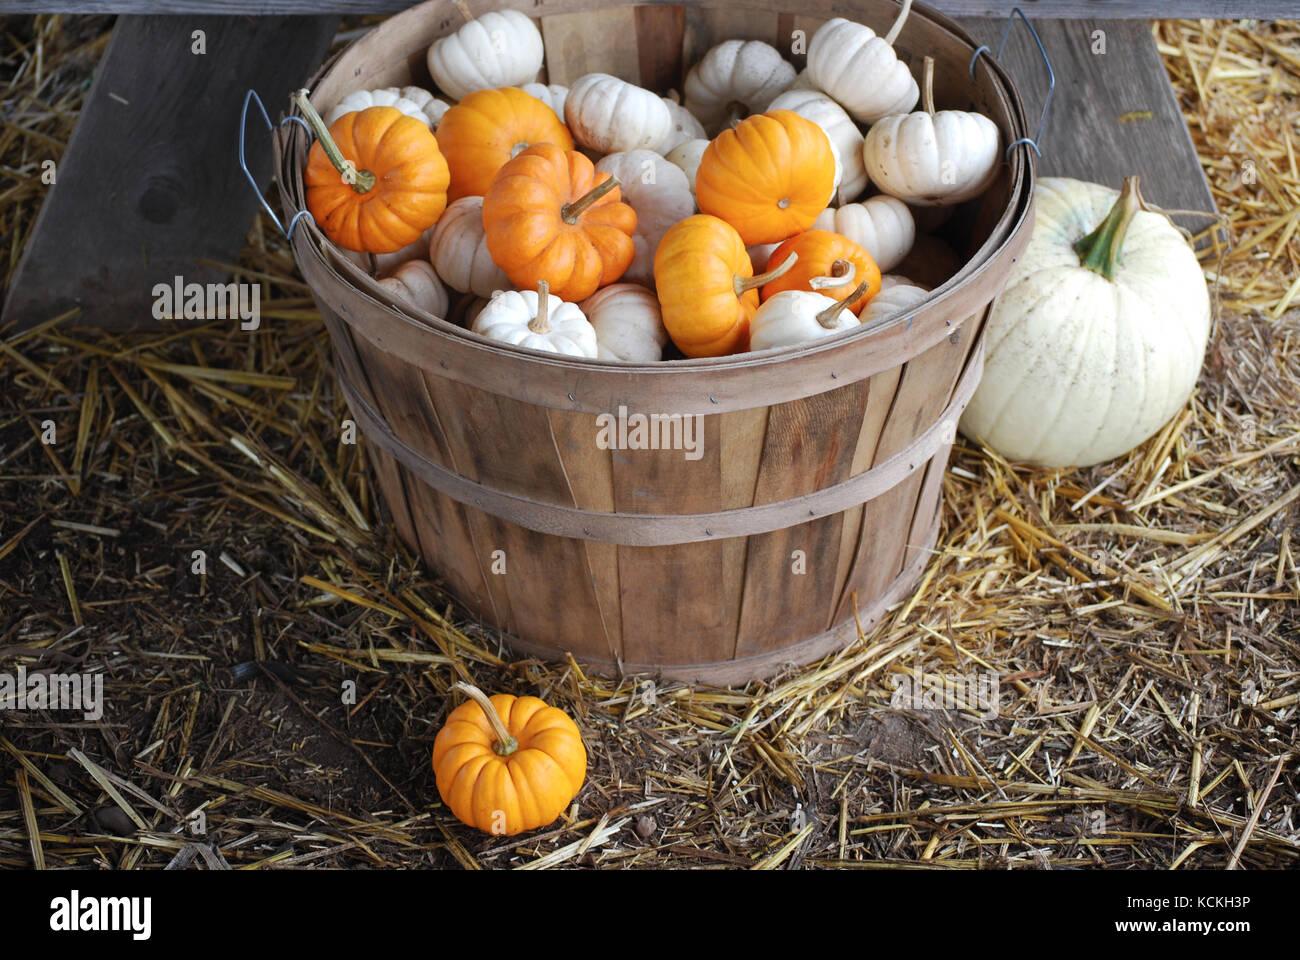 Bushel Basket filled with Mini Pumpkins - Stock Image